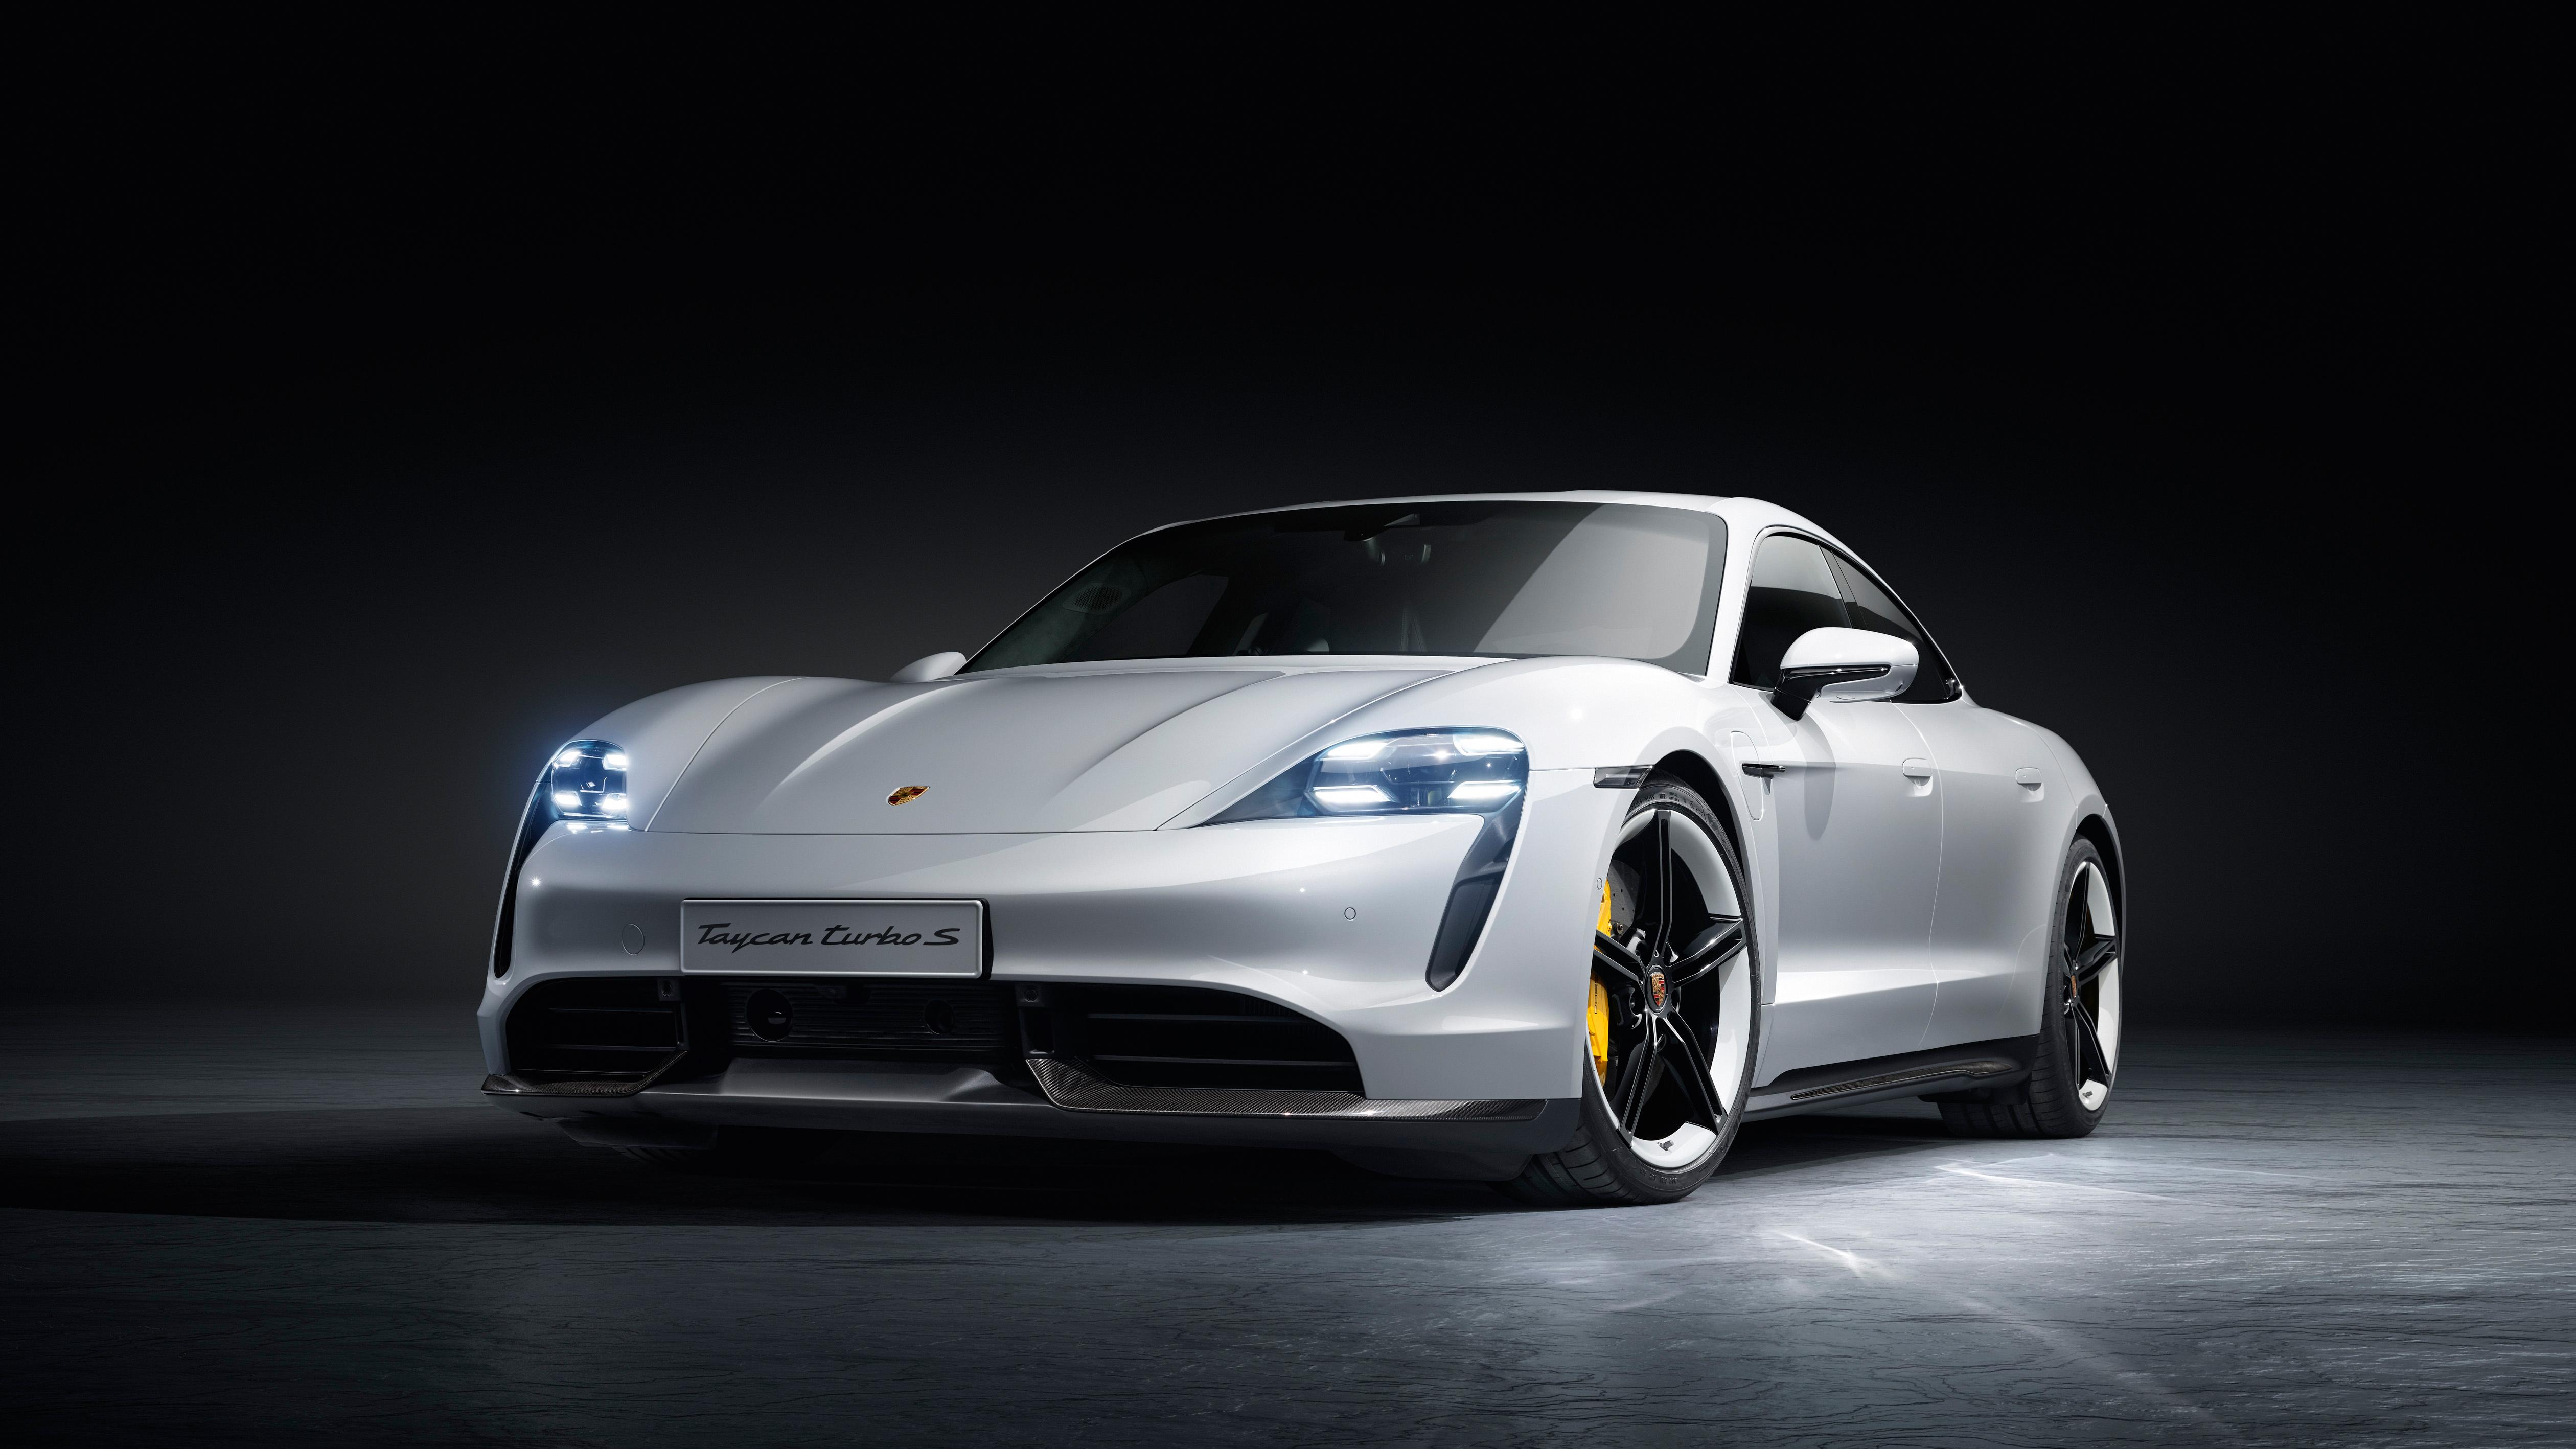 """Taycan heißt """"junges, wildes Pferd"""" und kommt aus dem orientalischen Sprachraum. Er ist der erste vollelektrische Sportwagen von Porsche. Credit: Porsche AG"""